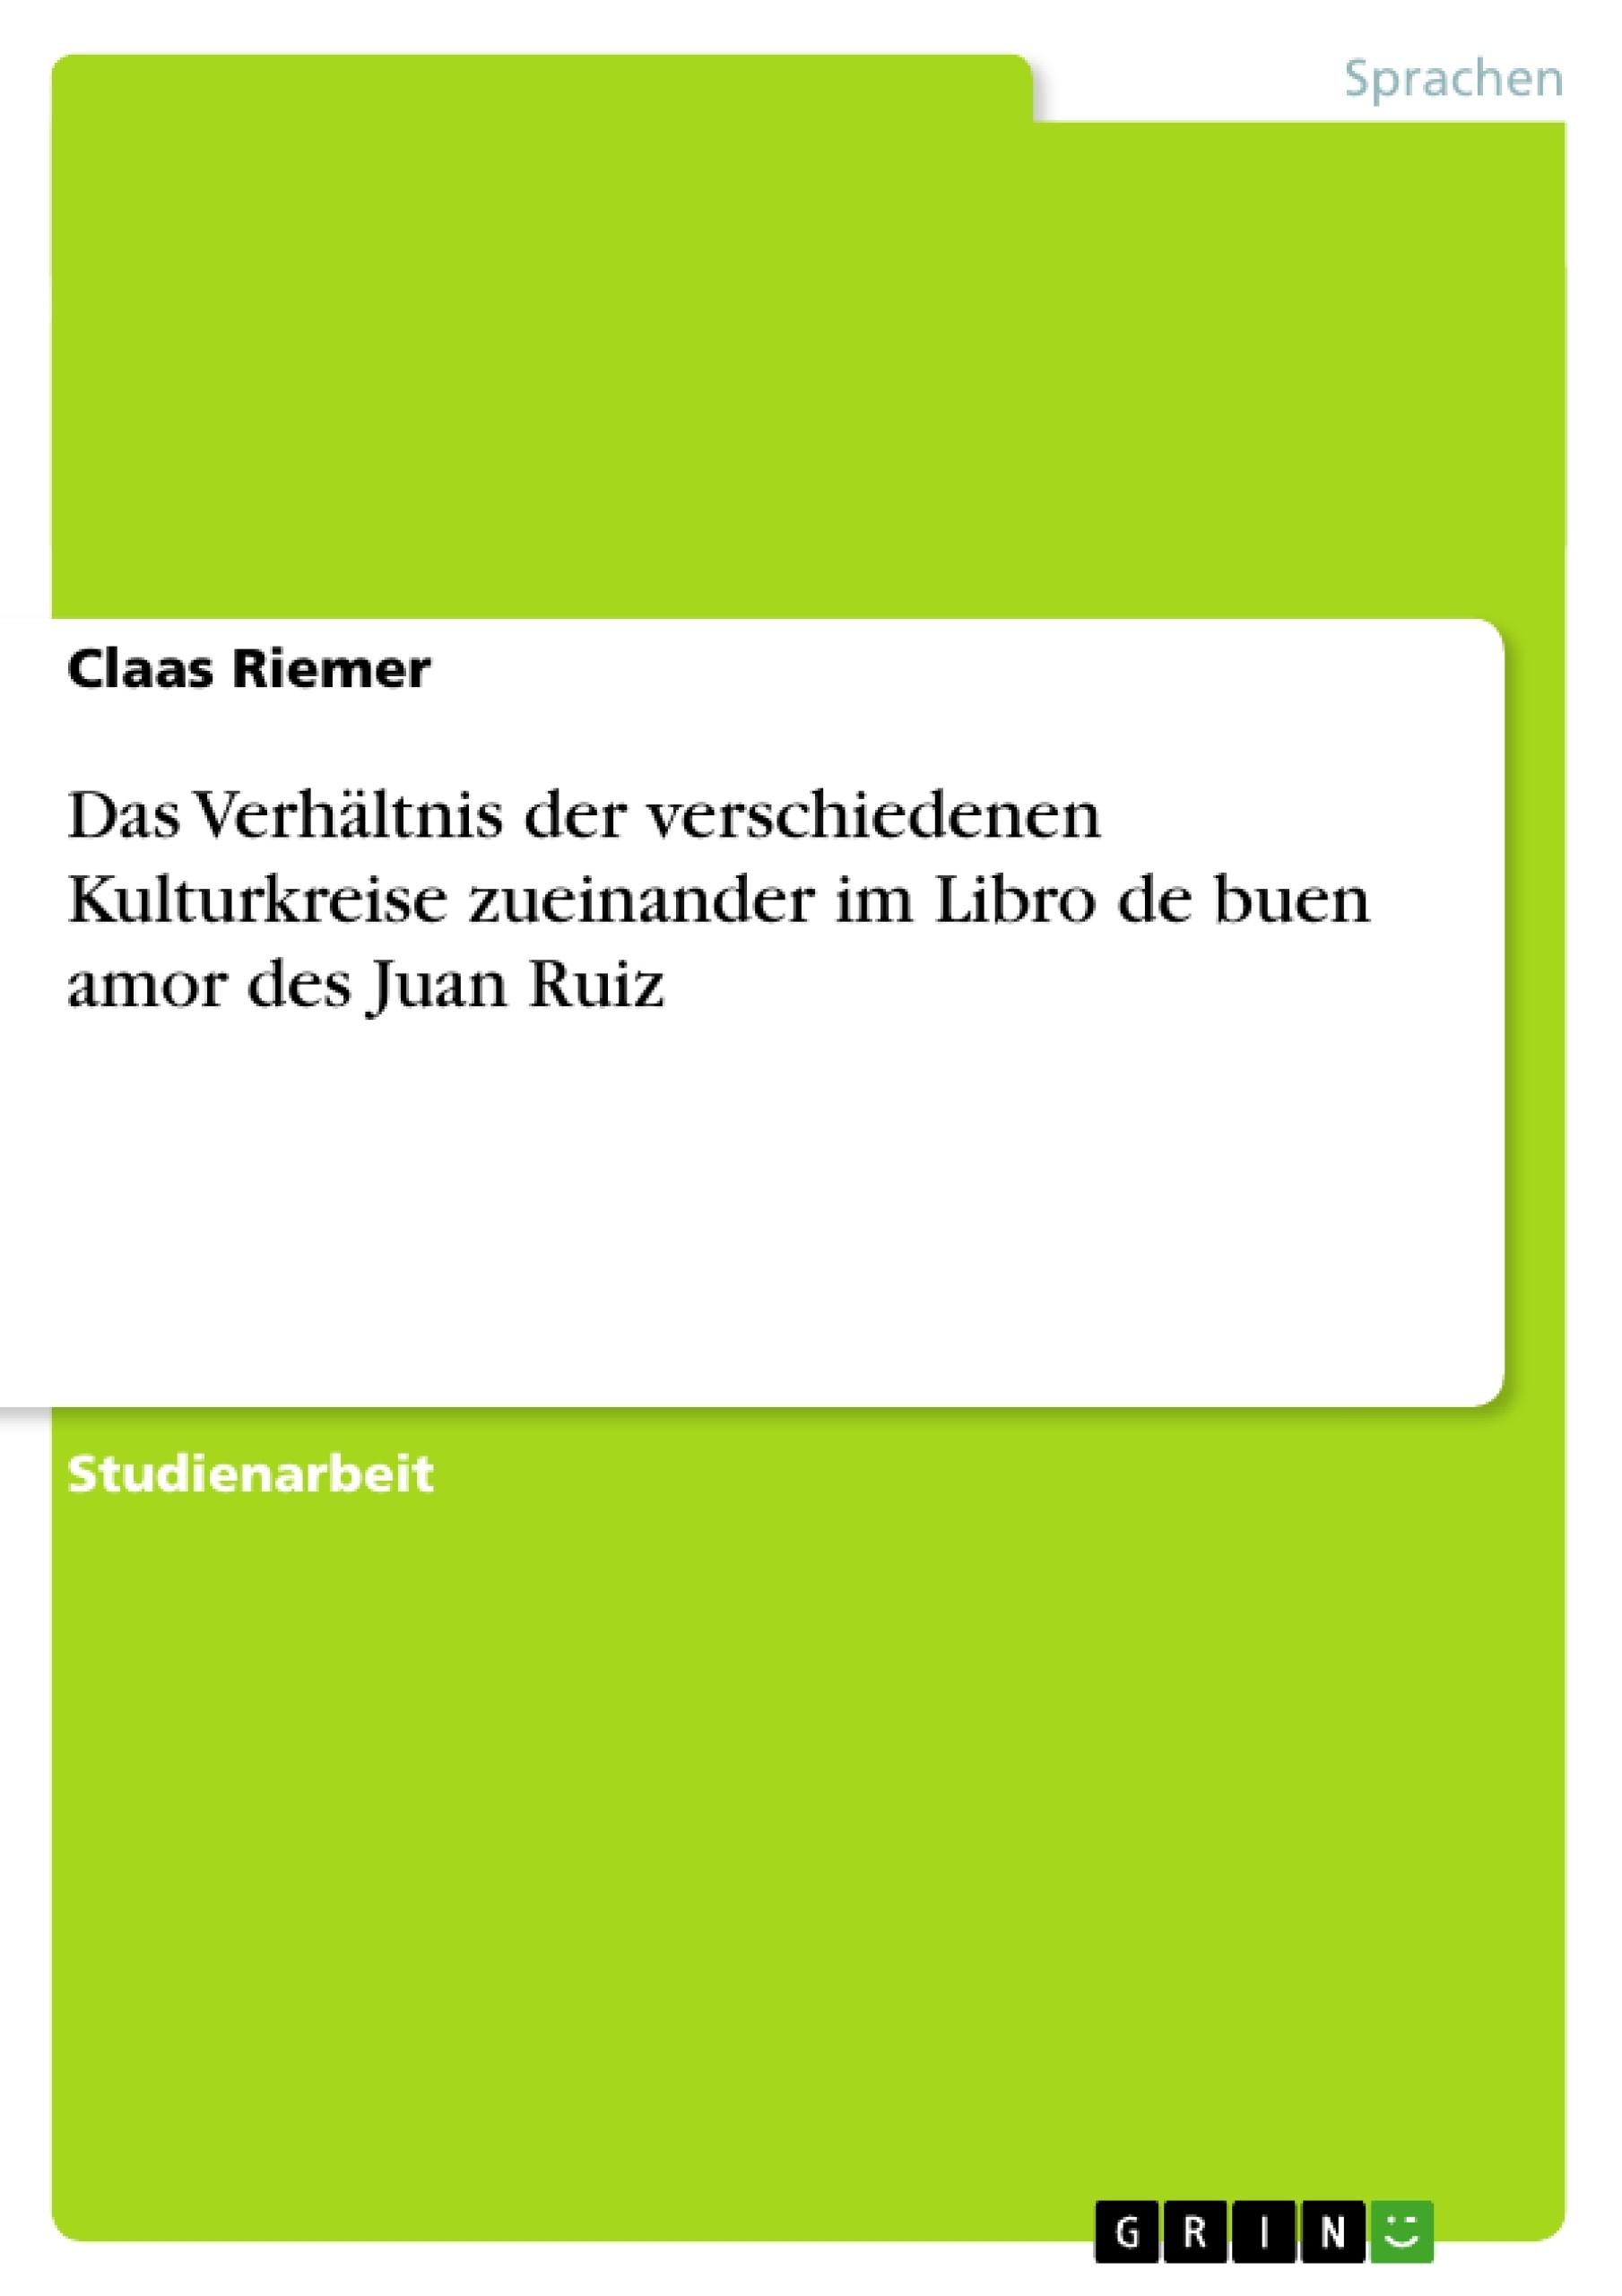 Titel: Das Verhältnis der verschiedenen Kulturkreise  zueinander im Libro de buen amor des Juan Ruiz